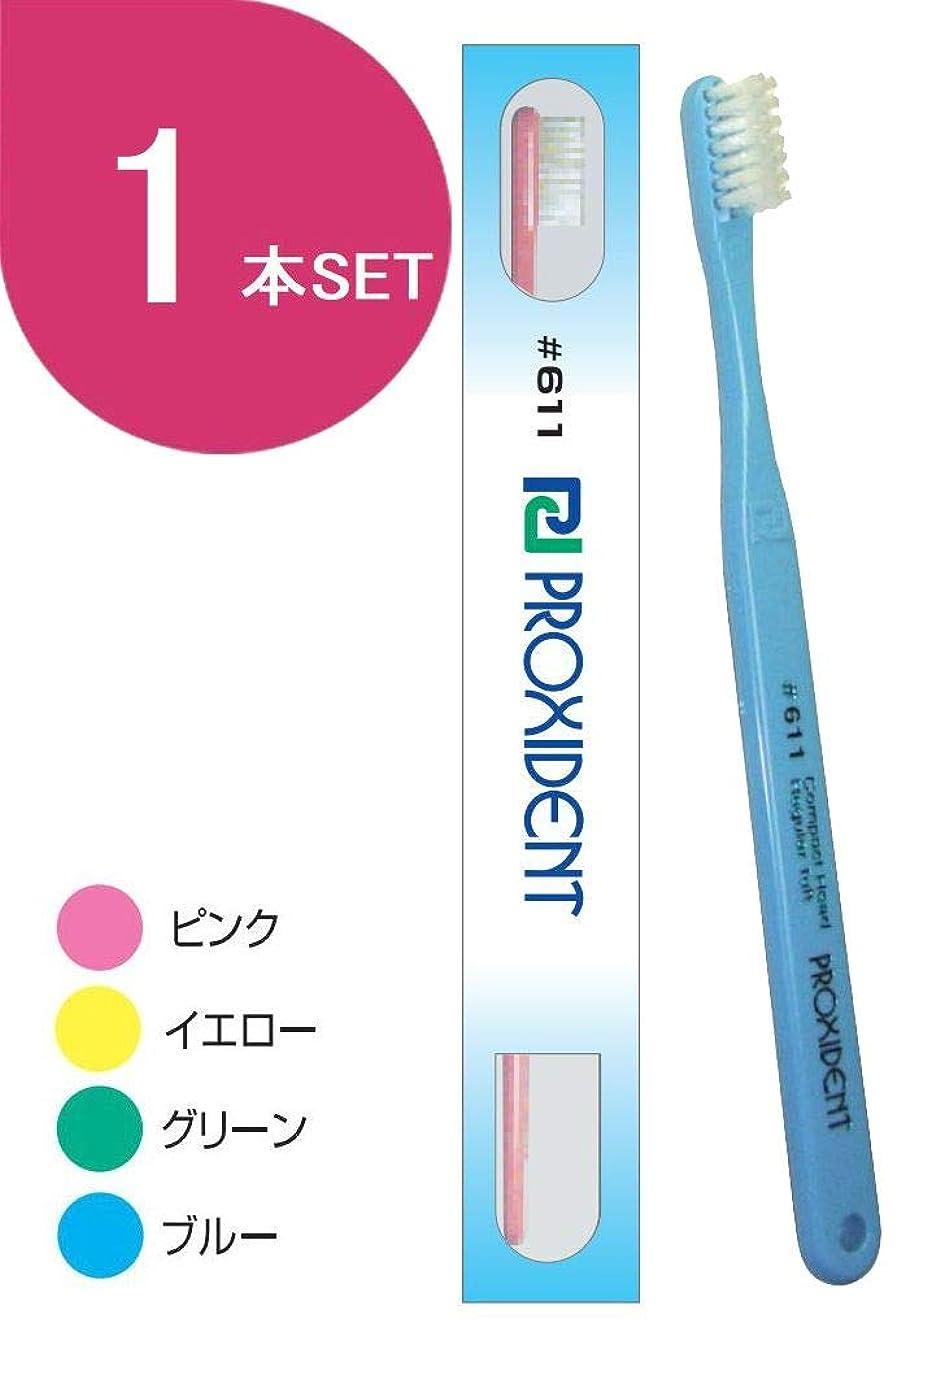 前投薬許す関与するプローデント プロキシデント コンパクト レギュラータフト 歯ブラシ #611 (1本)